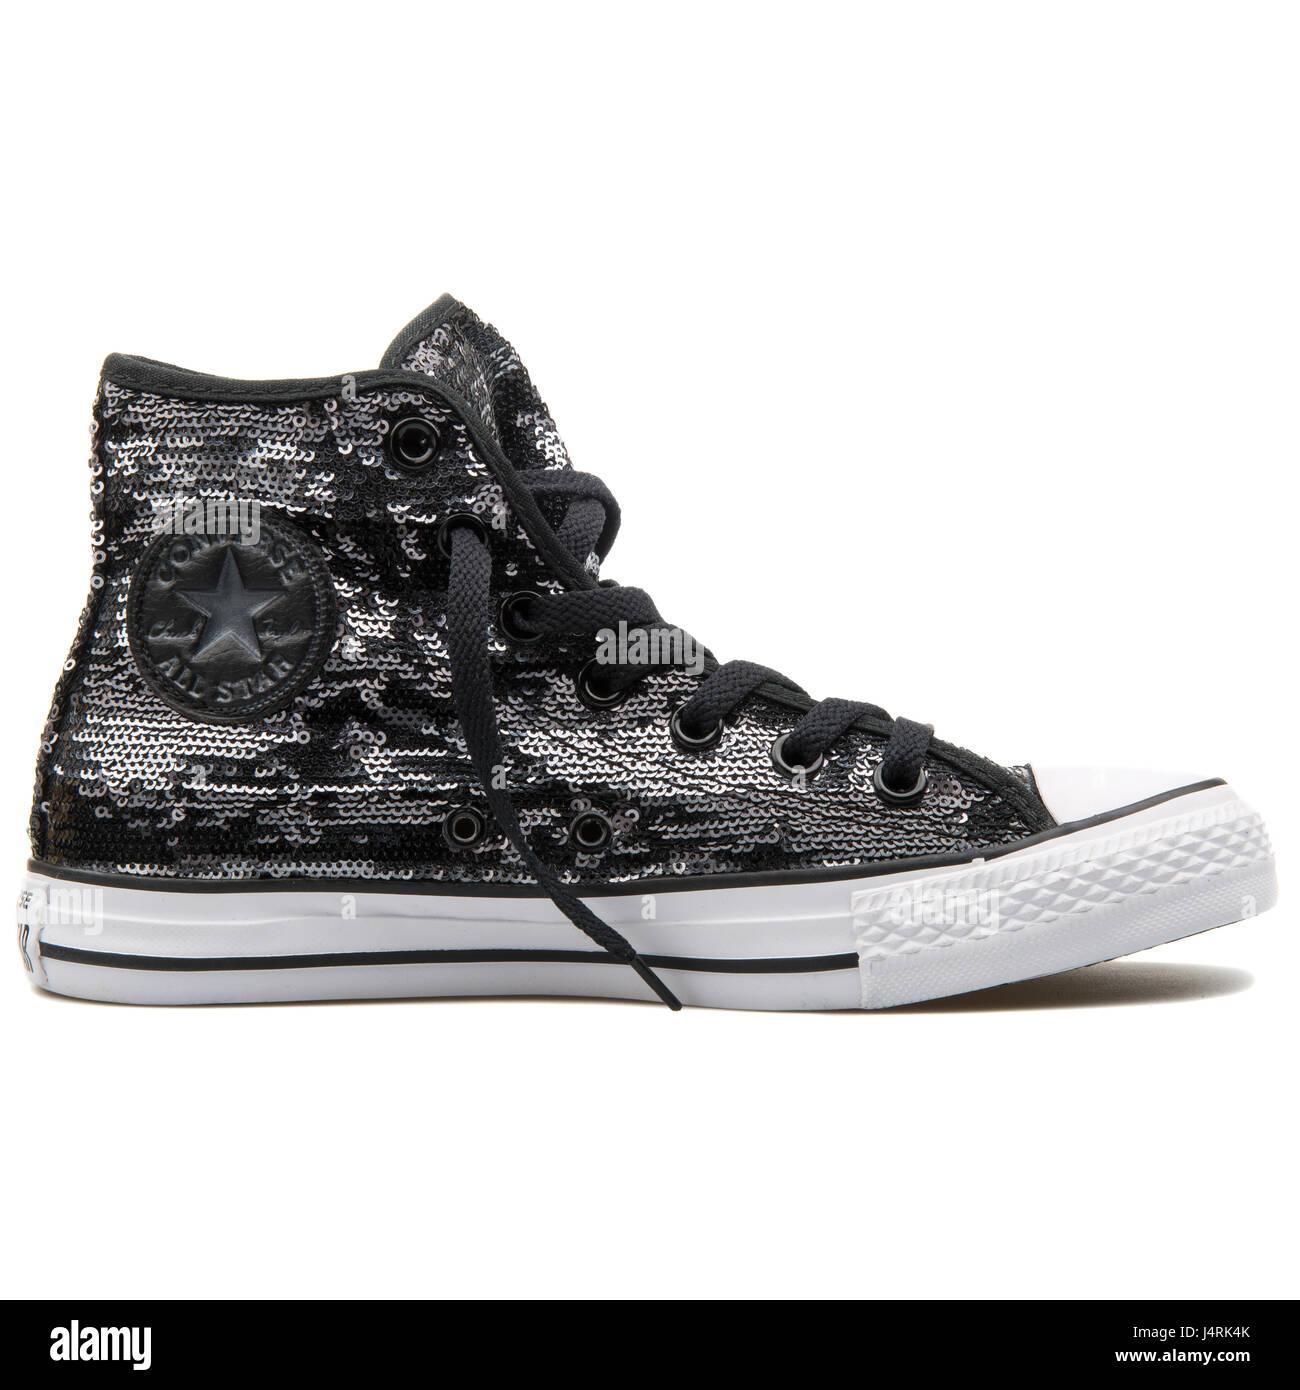 Converse – Chuck Taylor – Sneaker mit bunten Paillletten